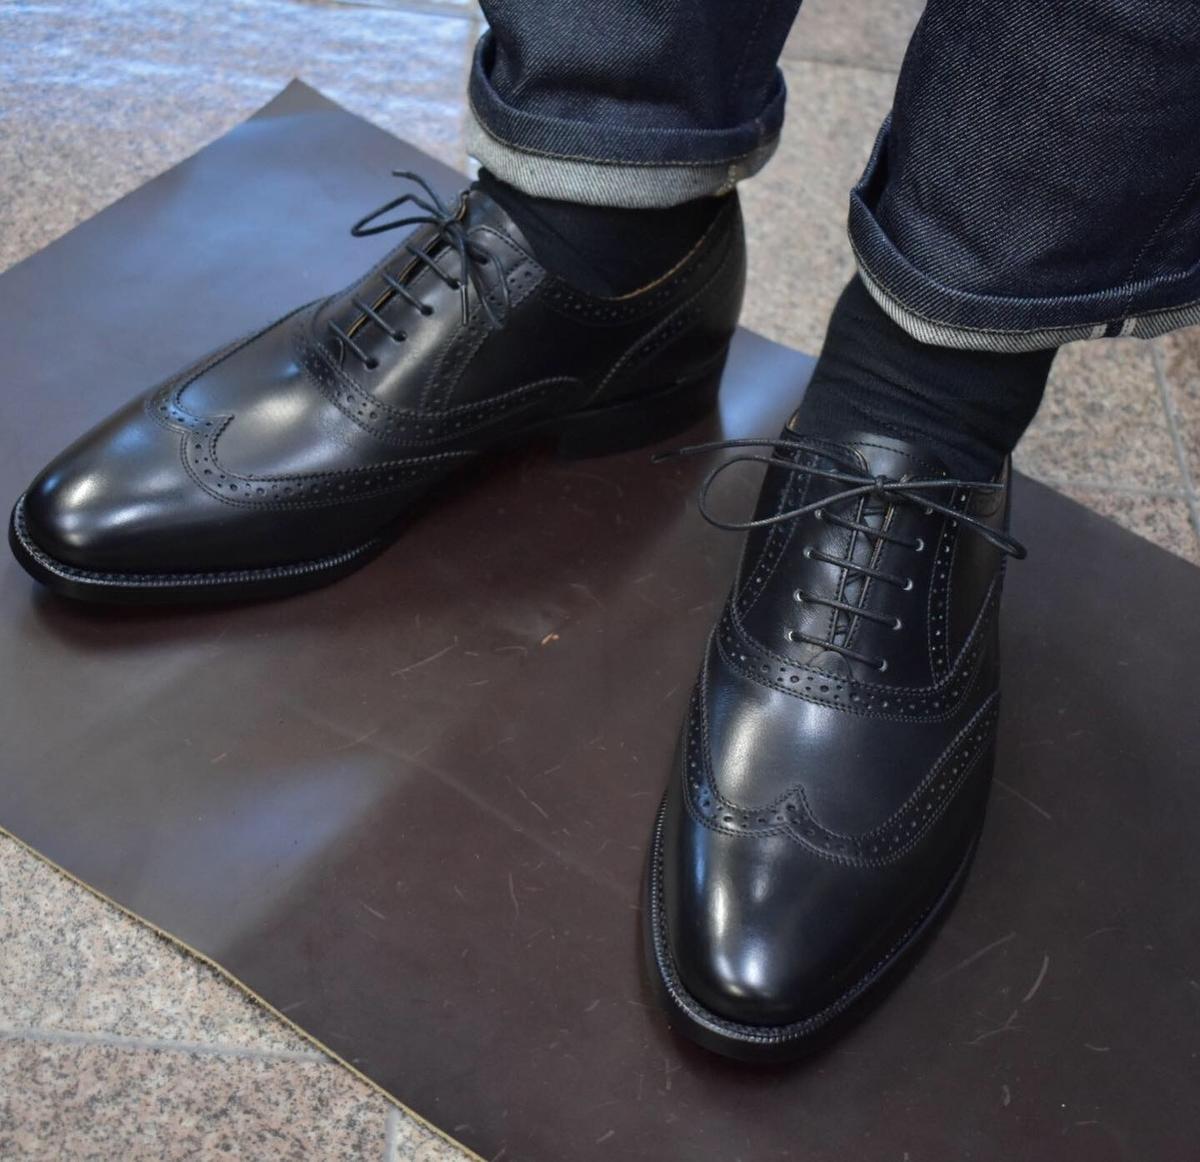 f:id:raymar-shoes:20191120175759j:plain